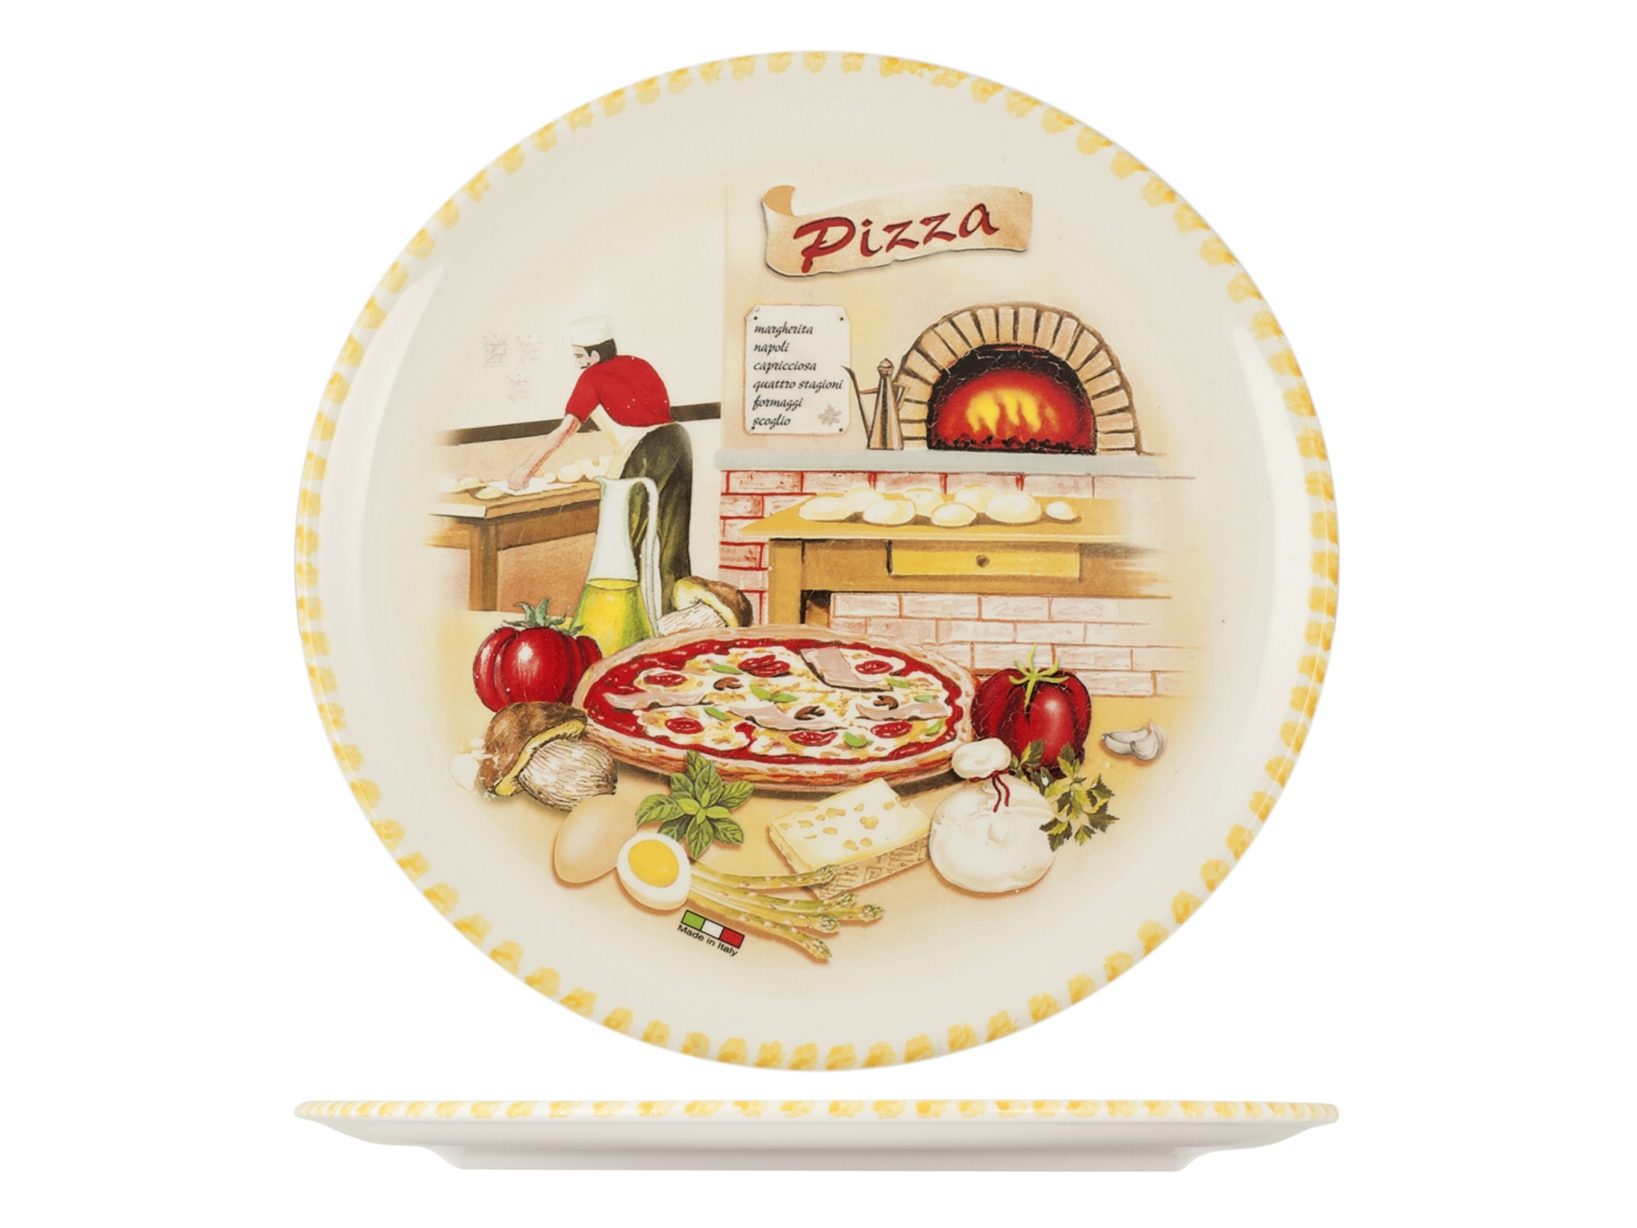 Buy Pizza Plate Ceramic Cm34 Bake 17457652 | Italy2Us.com